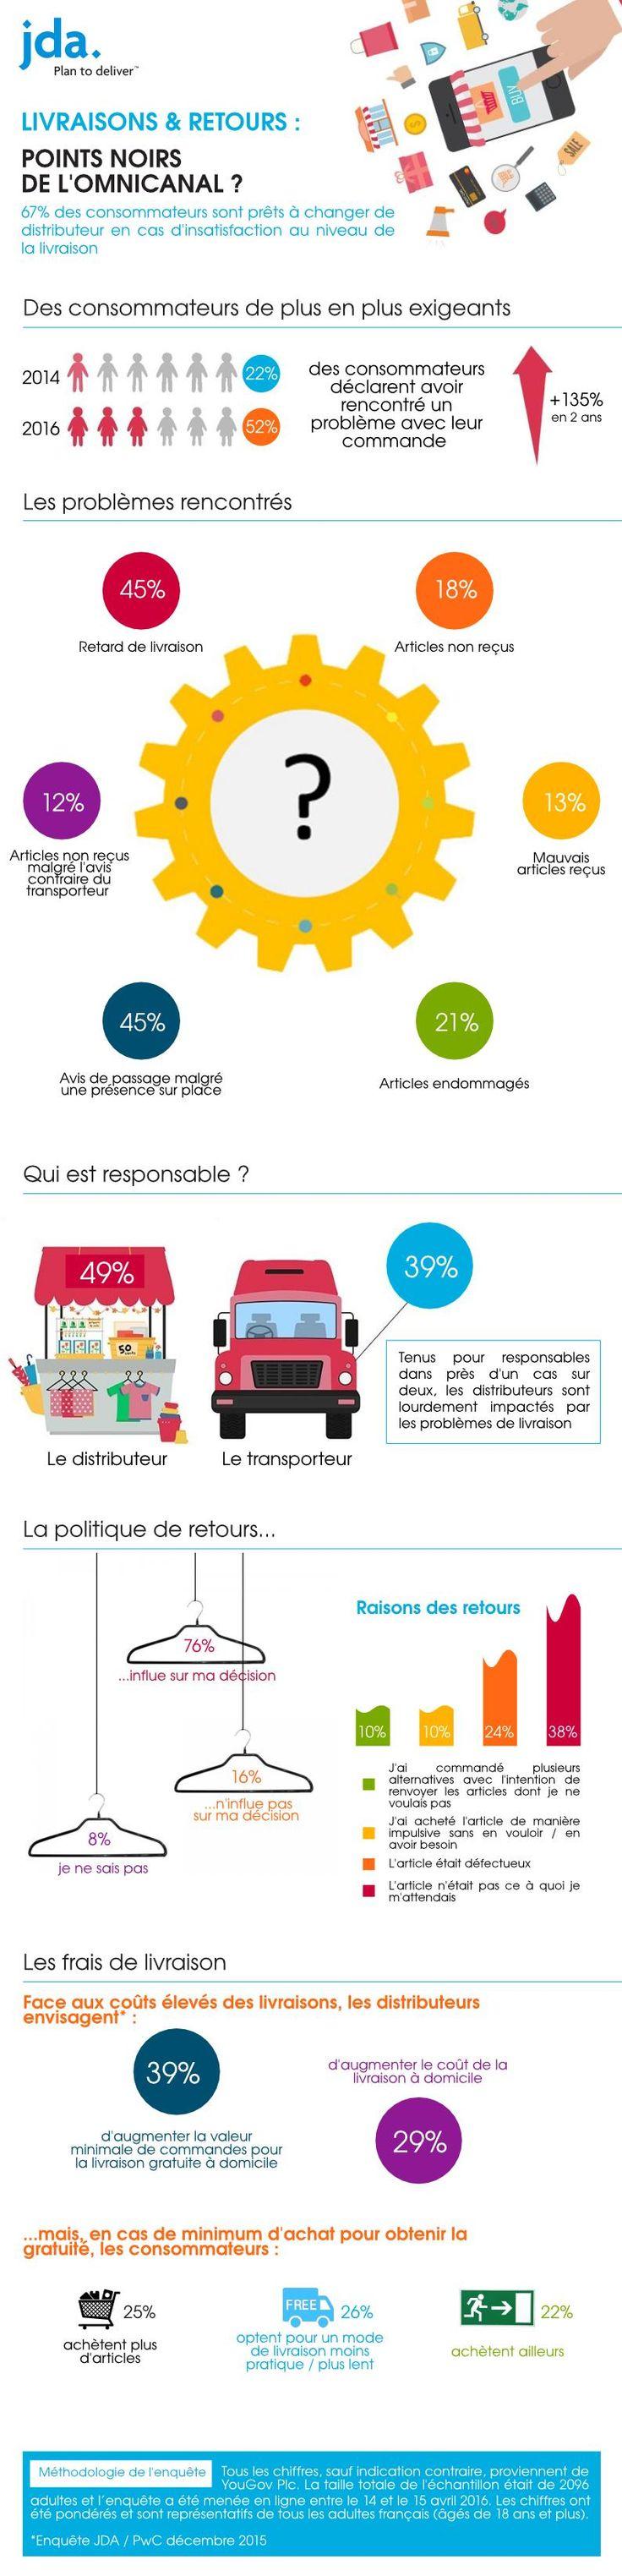 Livraisons & retours: Points noirs de l'omnicanal? 67% des consommateurs sont prêts à changer de distributeur en cas d'insatisfaction au niveau de la livraison ecommerce